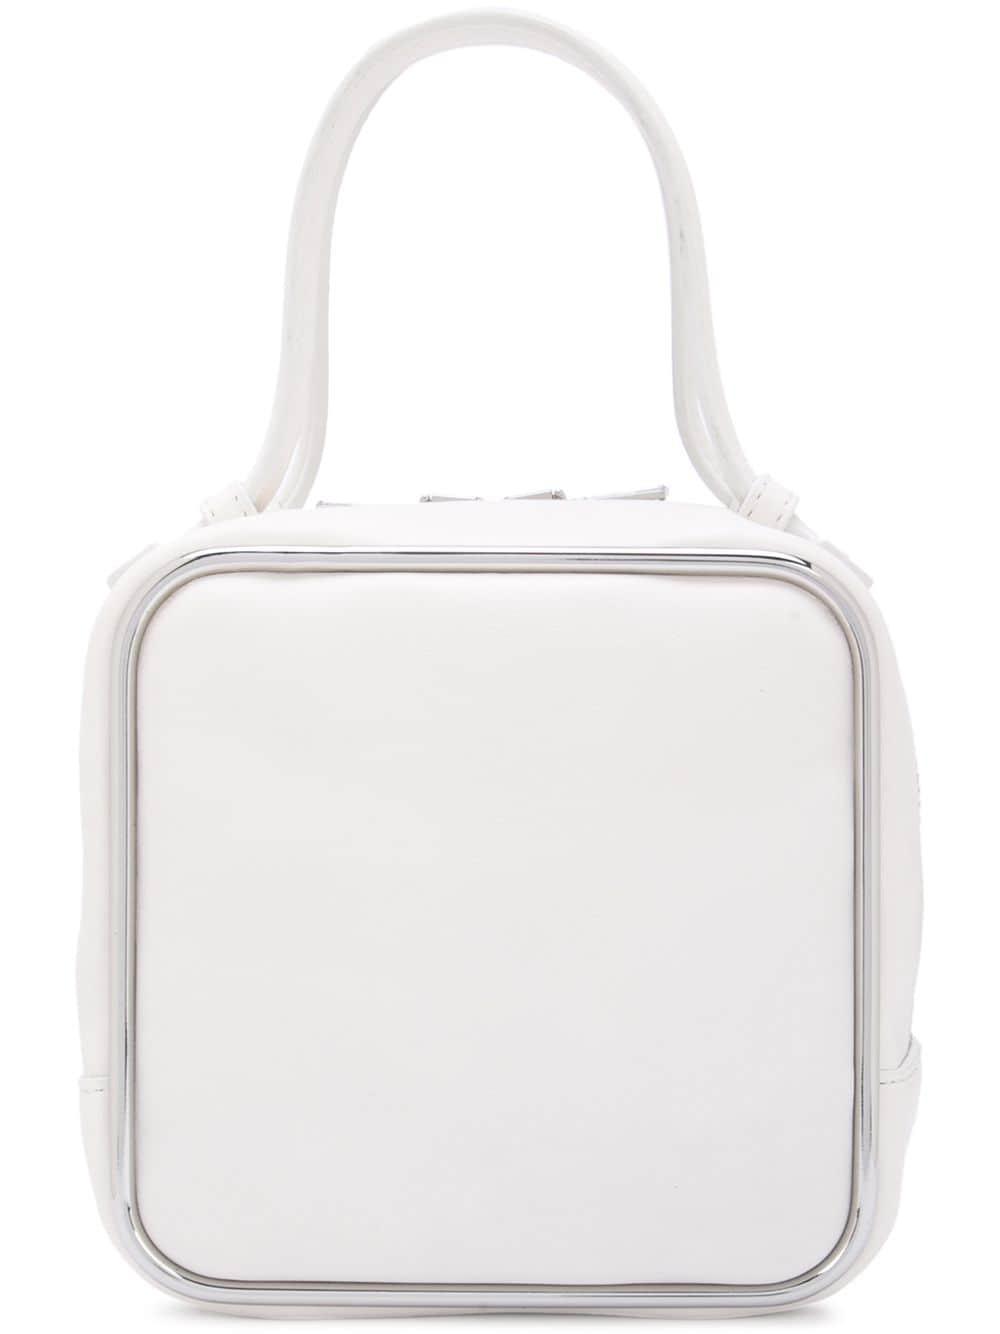 Alexander Wang 'Halo' Handtasche - Weiß